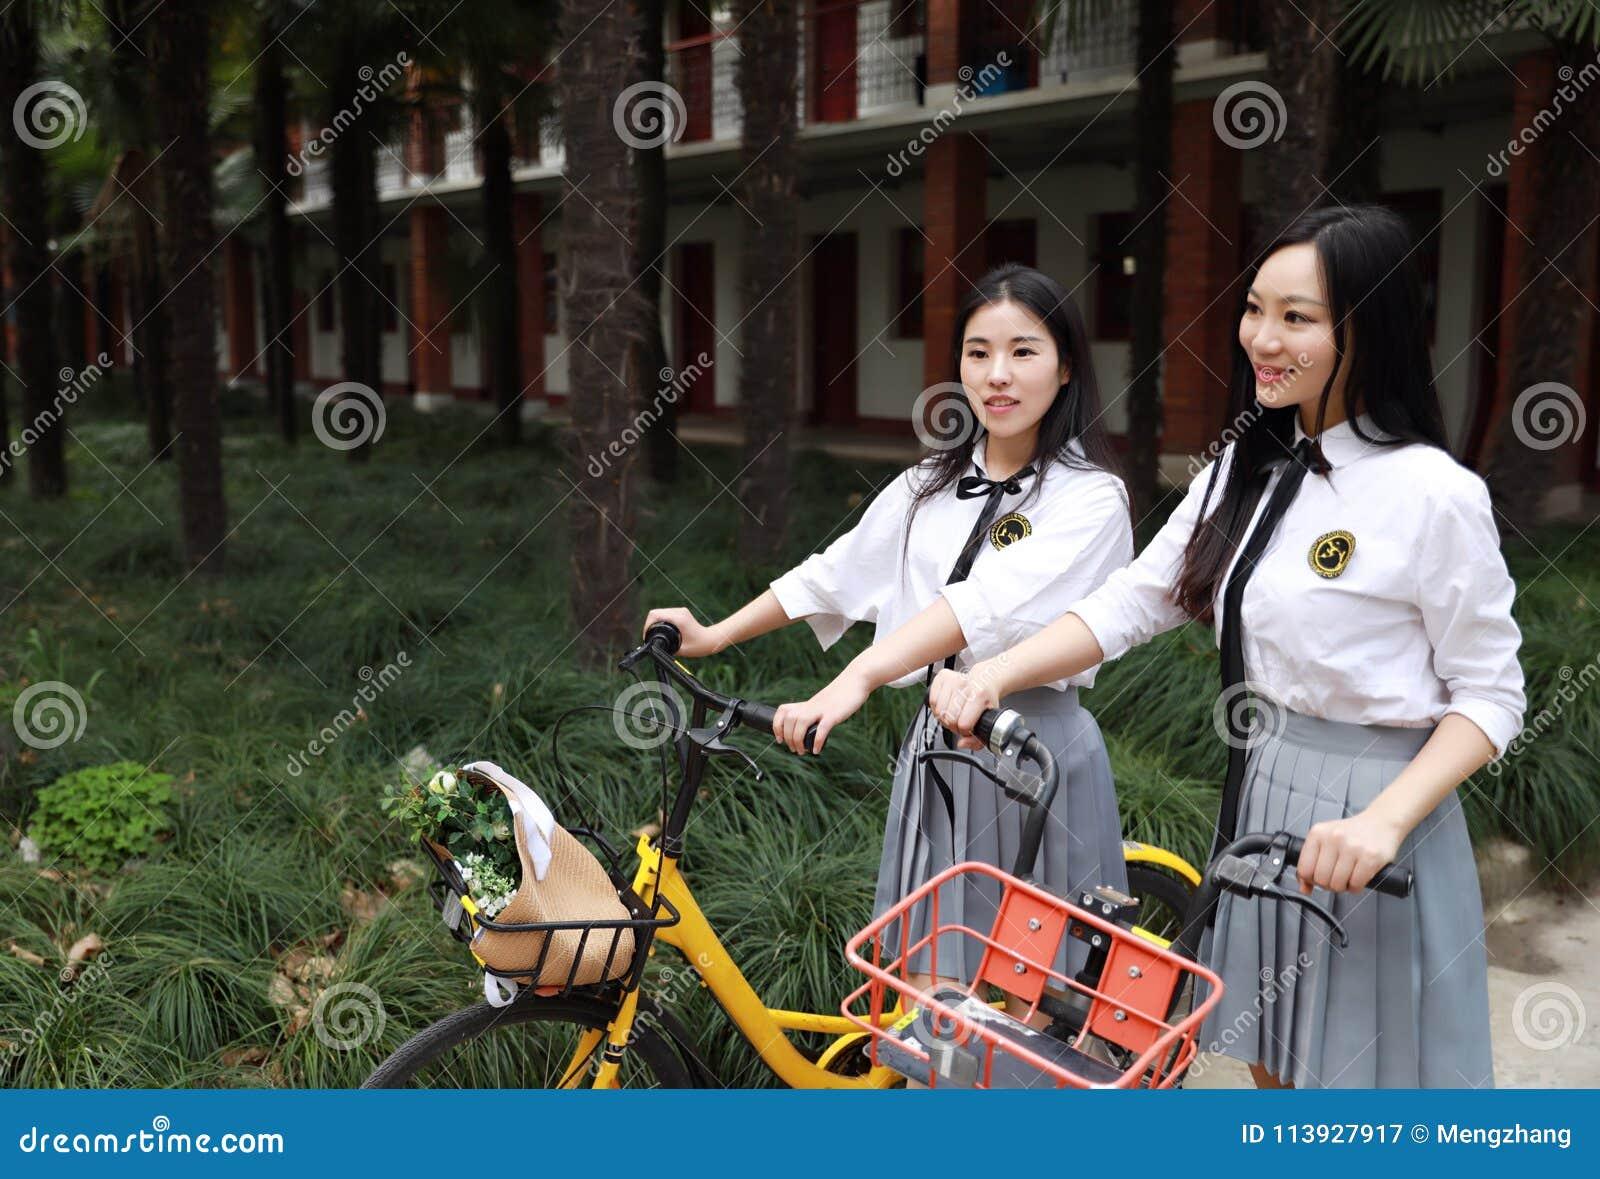 Ontspan Aziatisch Chinees mooi de studentenkostuum van de meisjesslijtage in school genieten van de fiets van de vrije tijdrit in